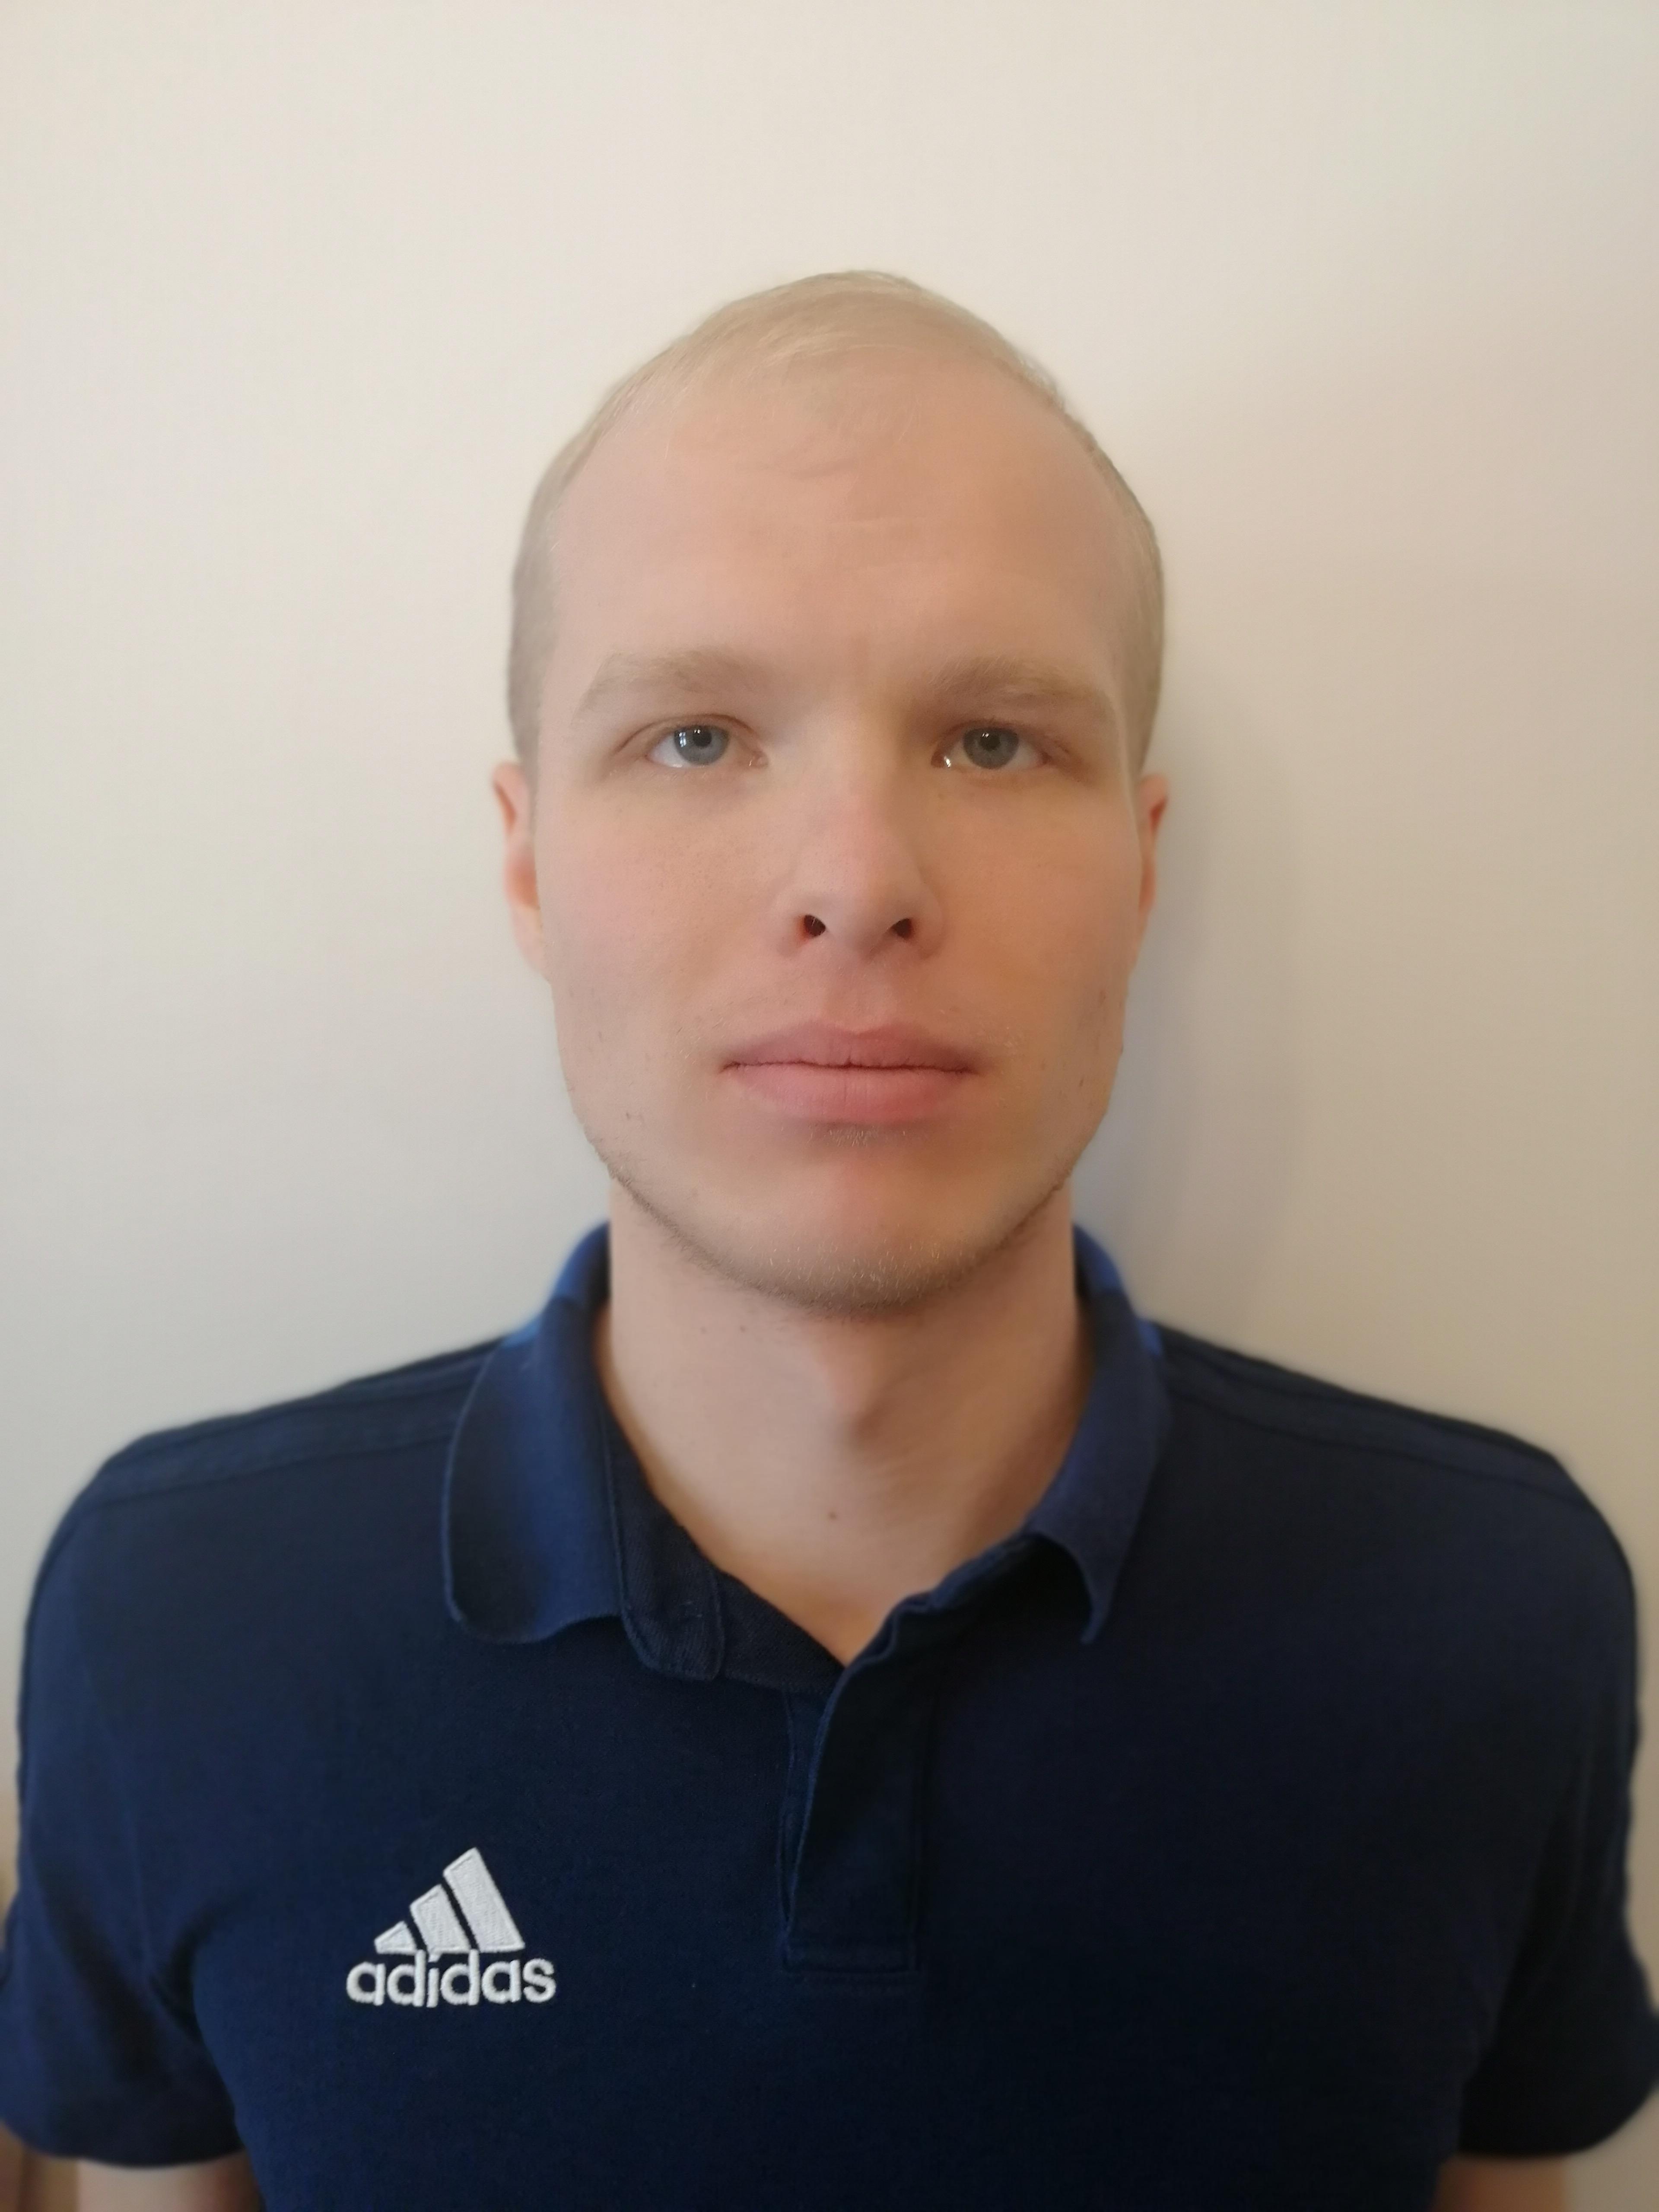 Erkko Liiv